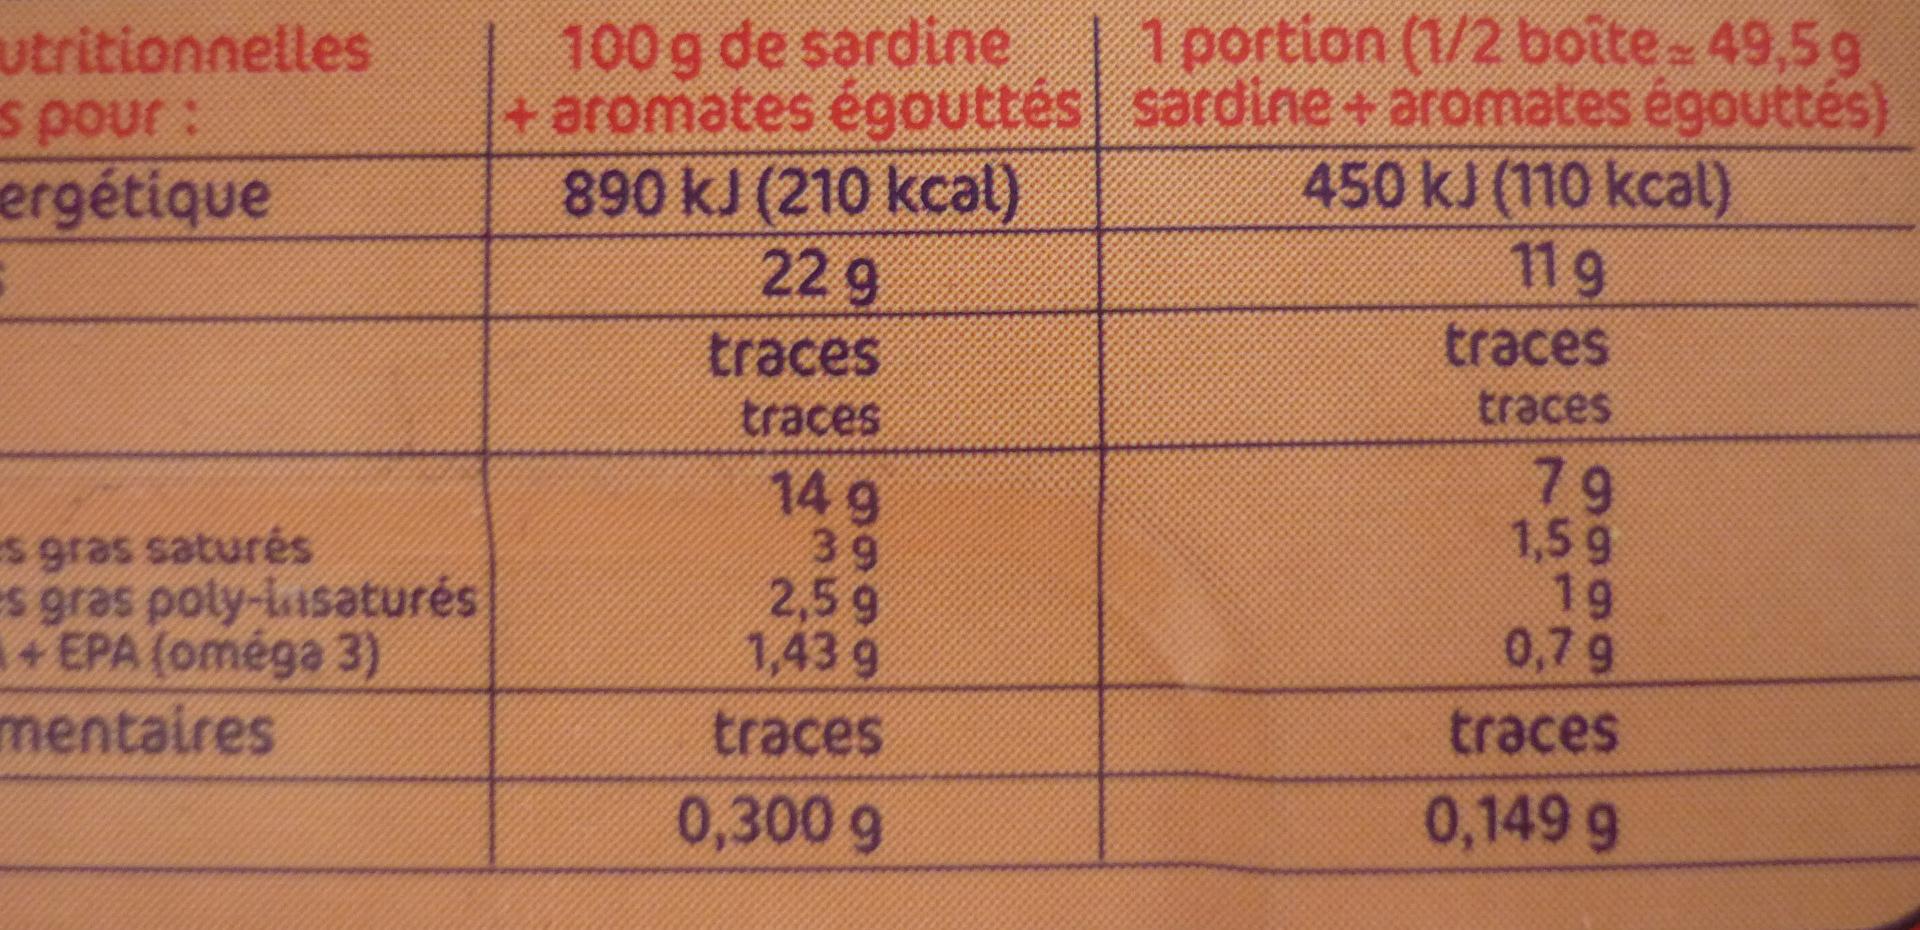 Sardines hui olive/piment 1/5 - Voedingswaarden - fr